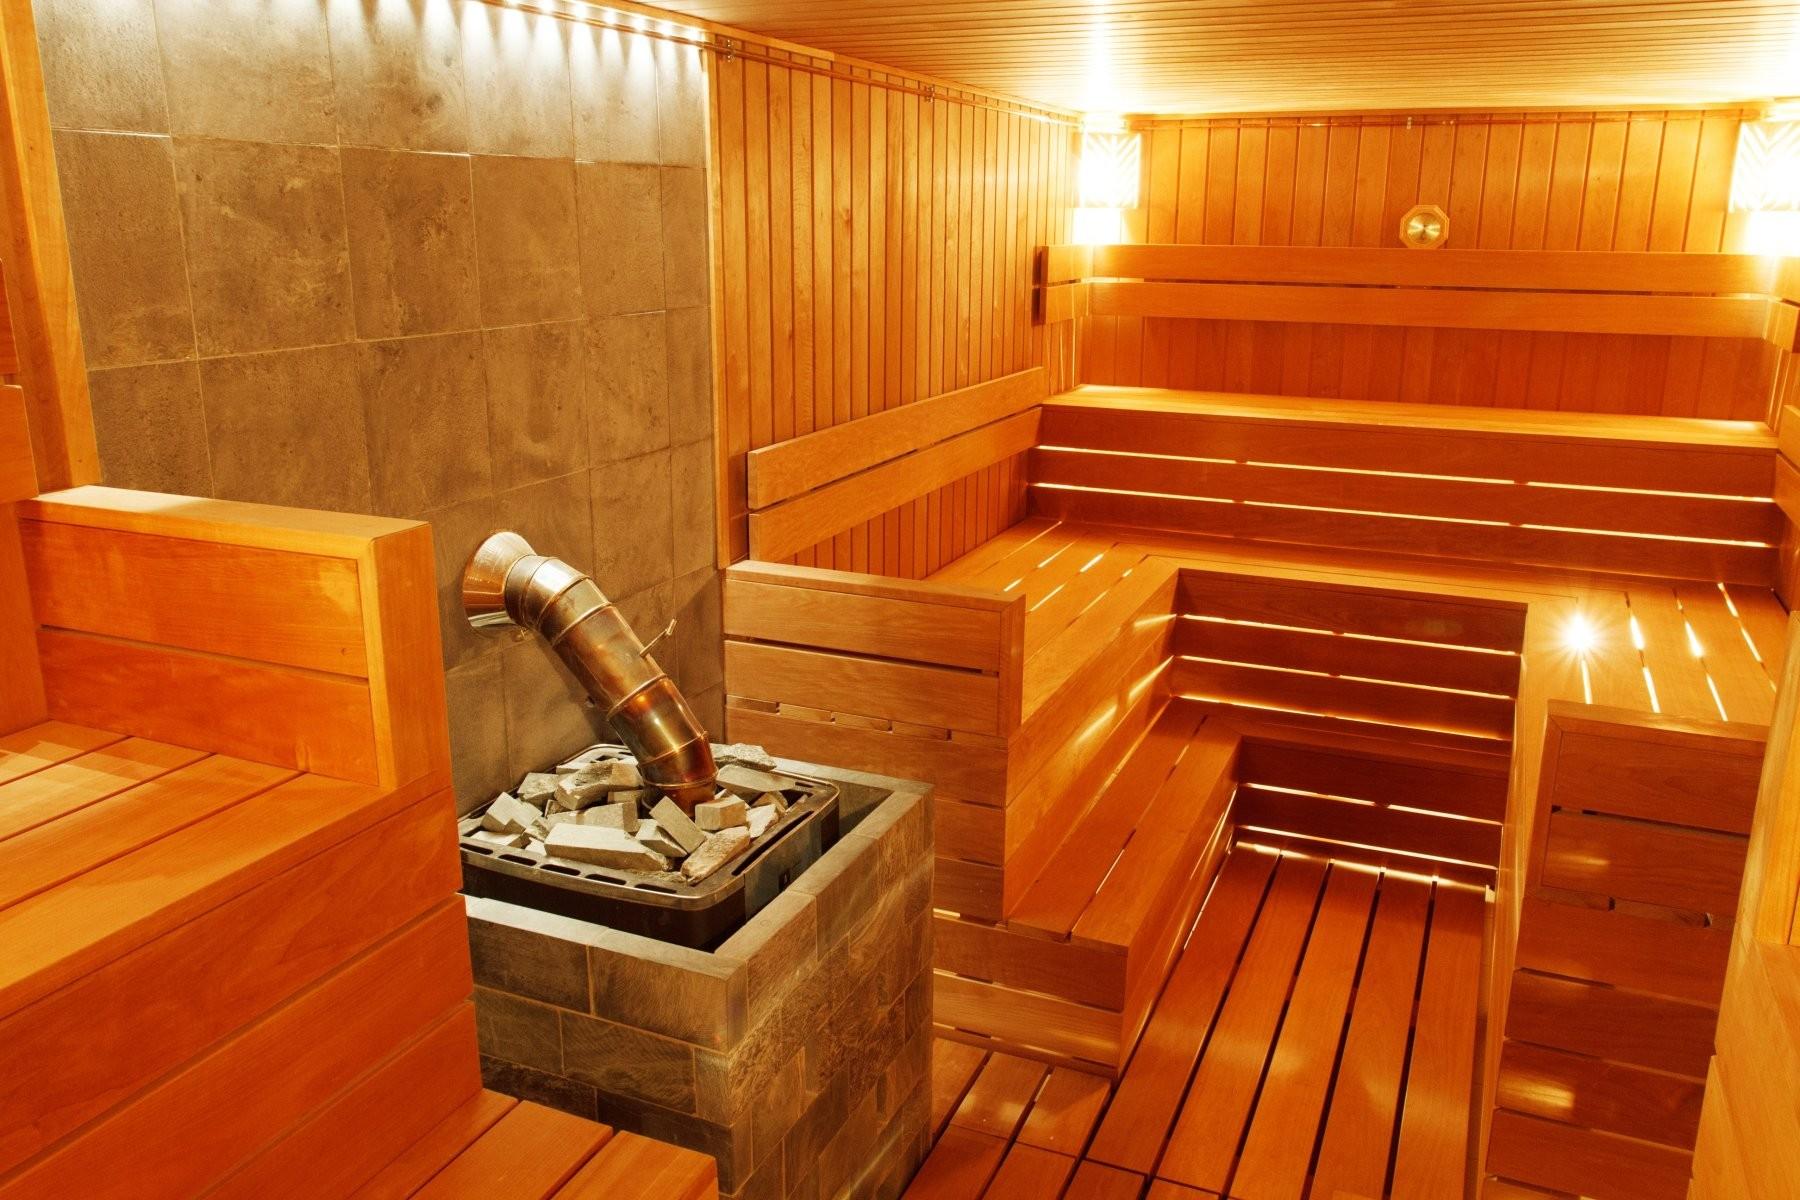 ЭРА, гостинично-банный комплекс - №1